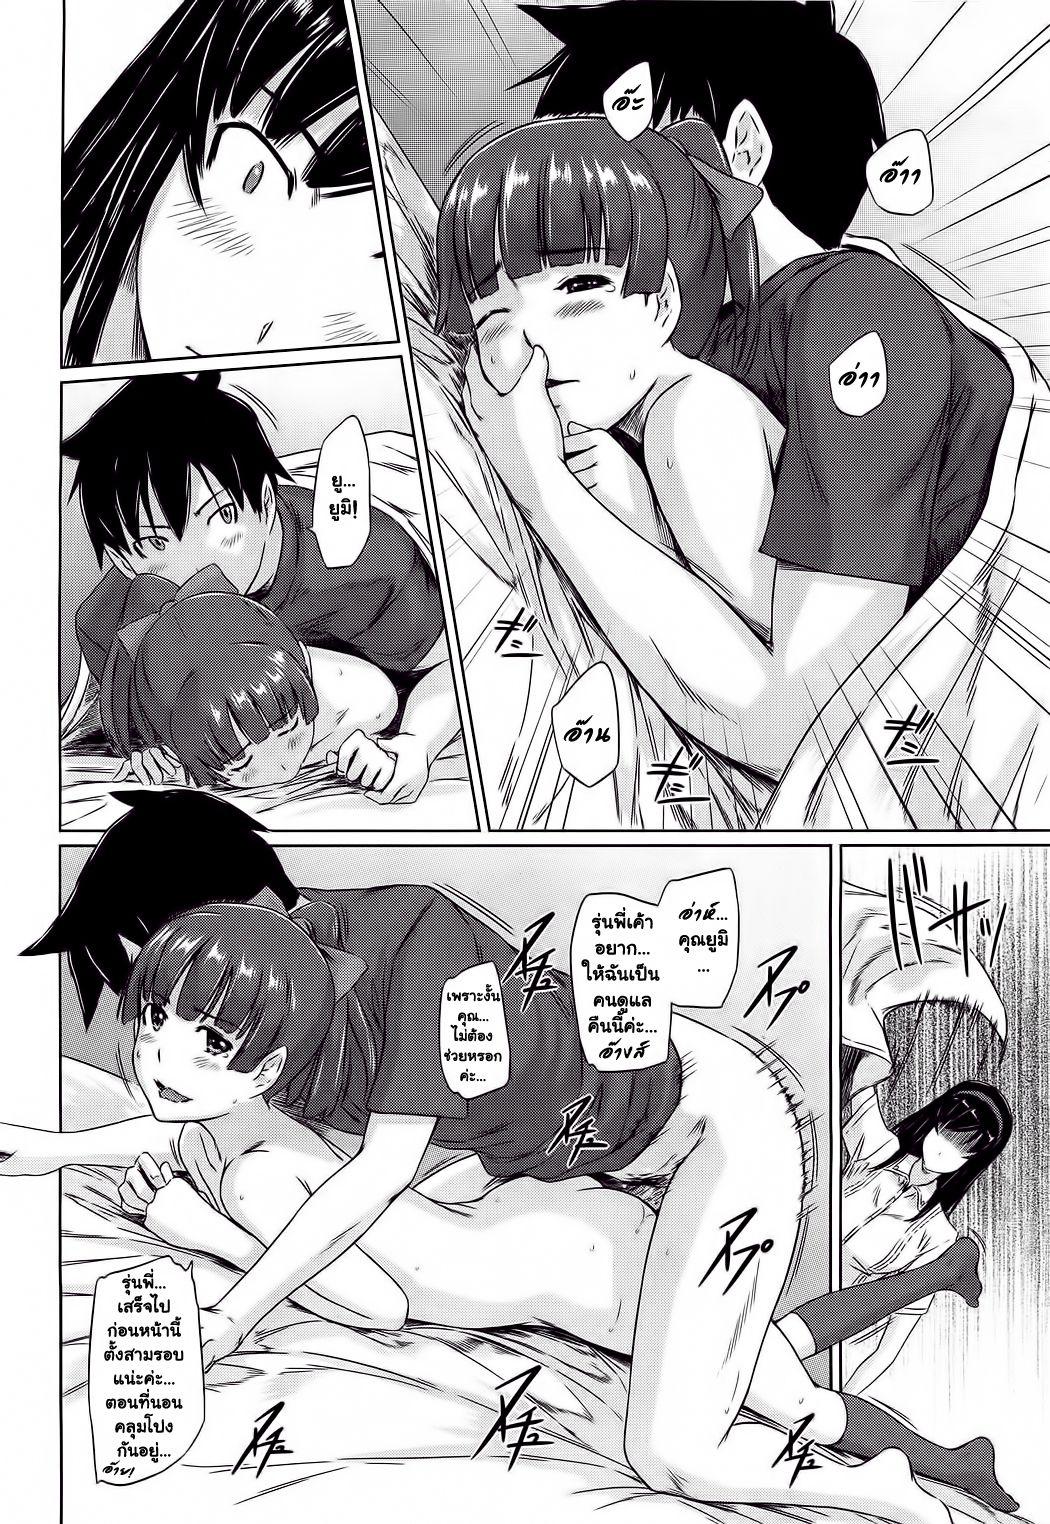 ยินดีต้อนรับสู่ โทโคฮารุโซว 5 - หน้า 10